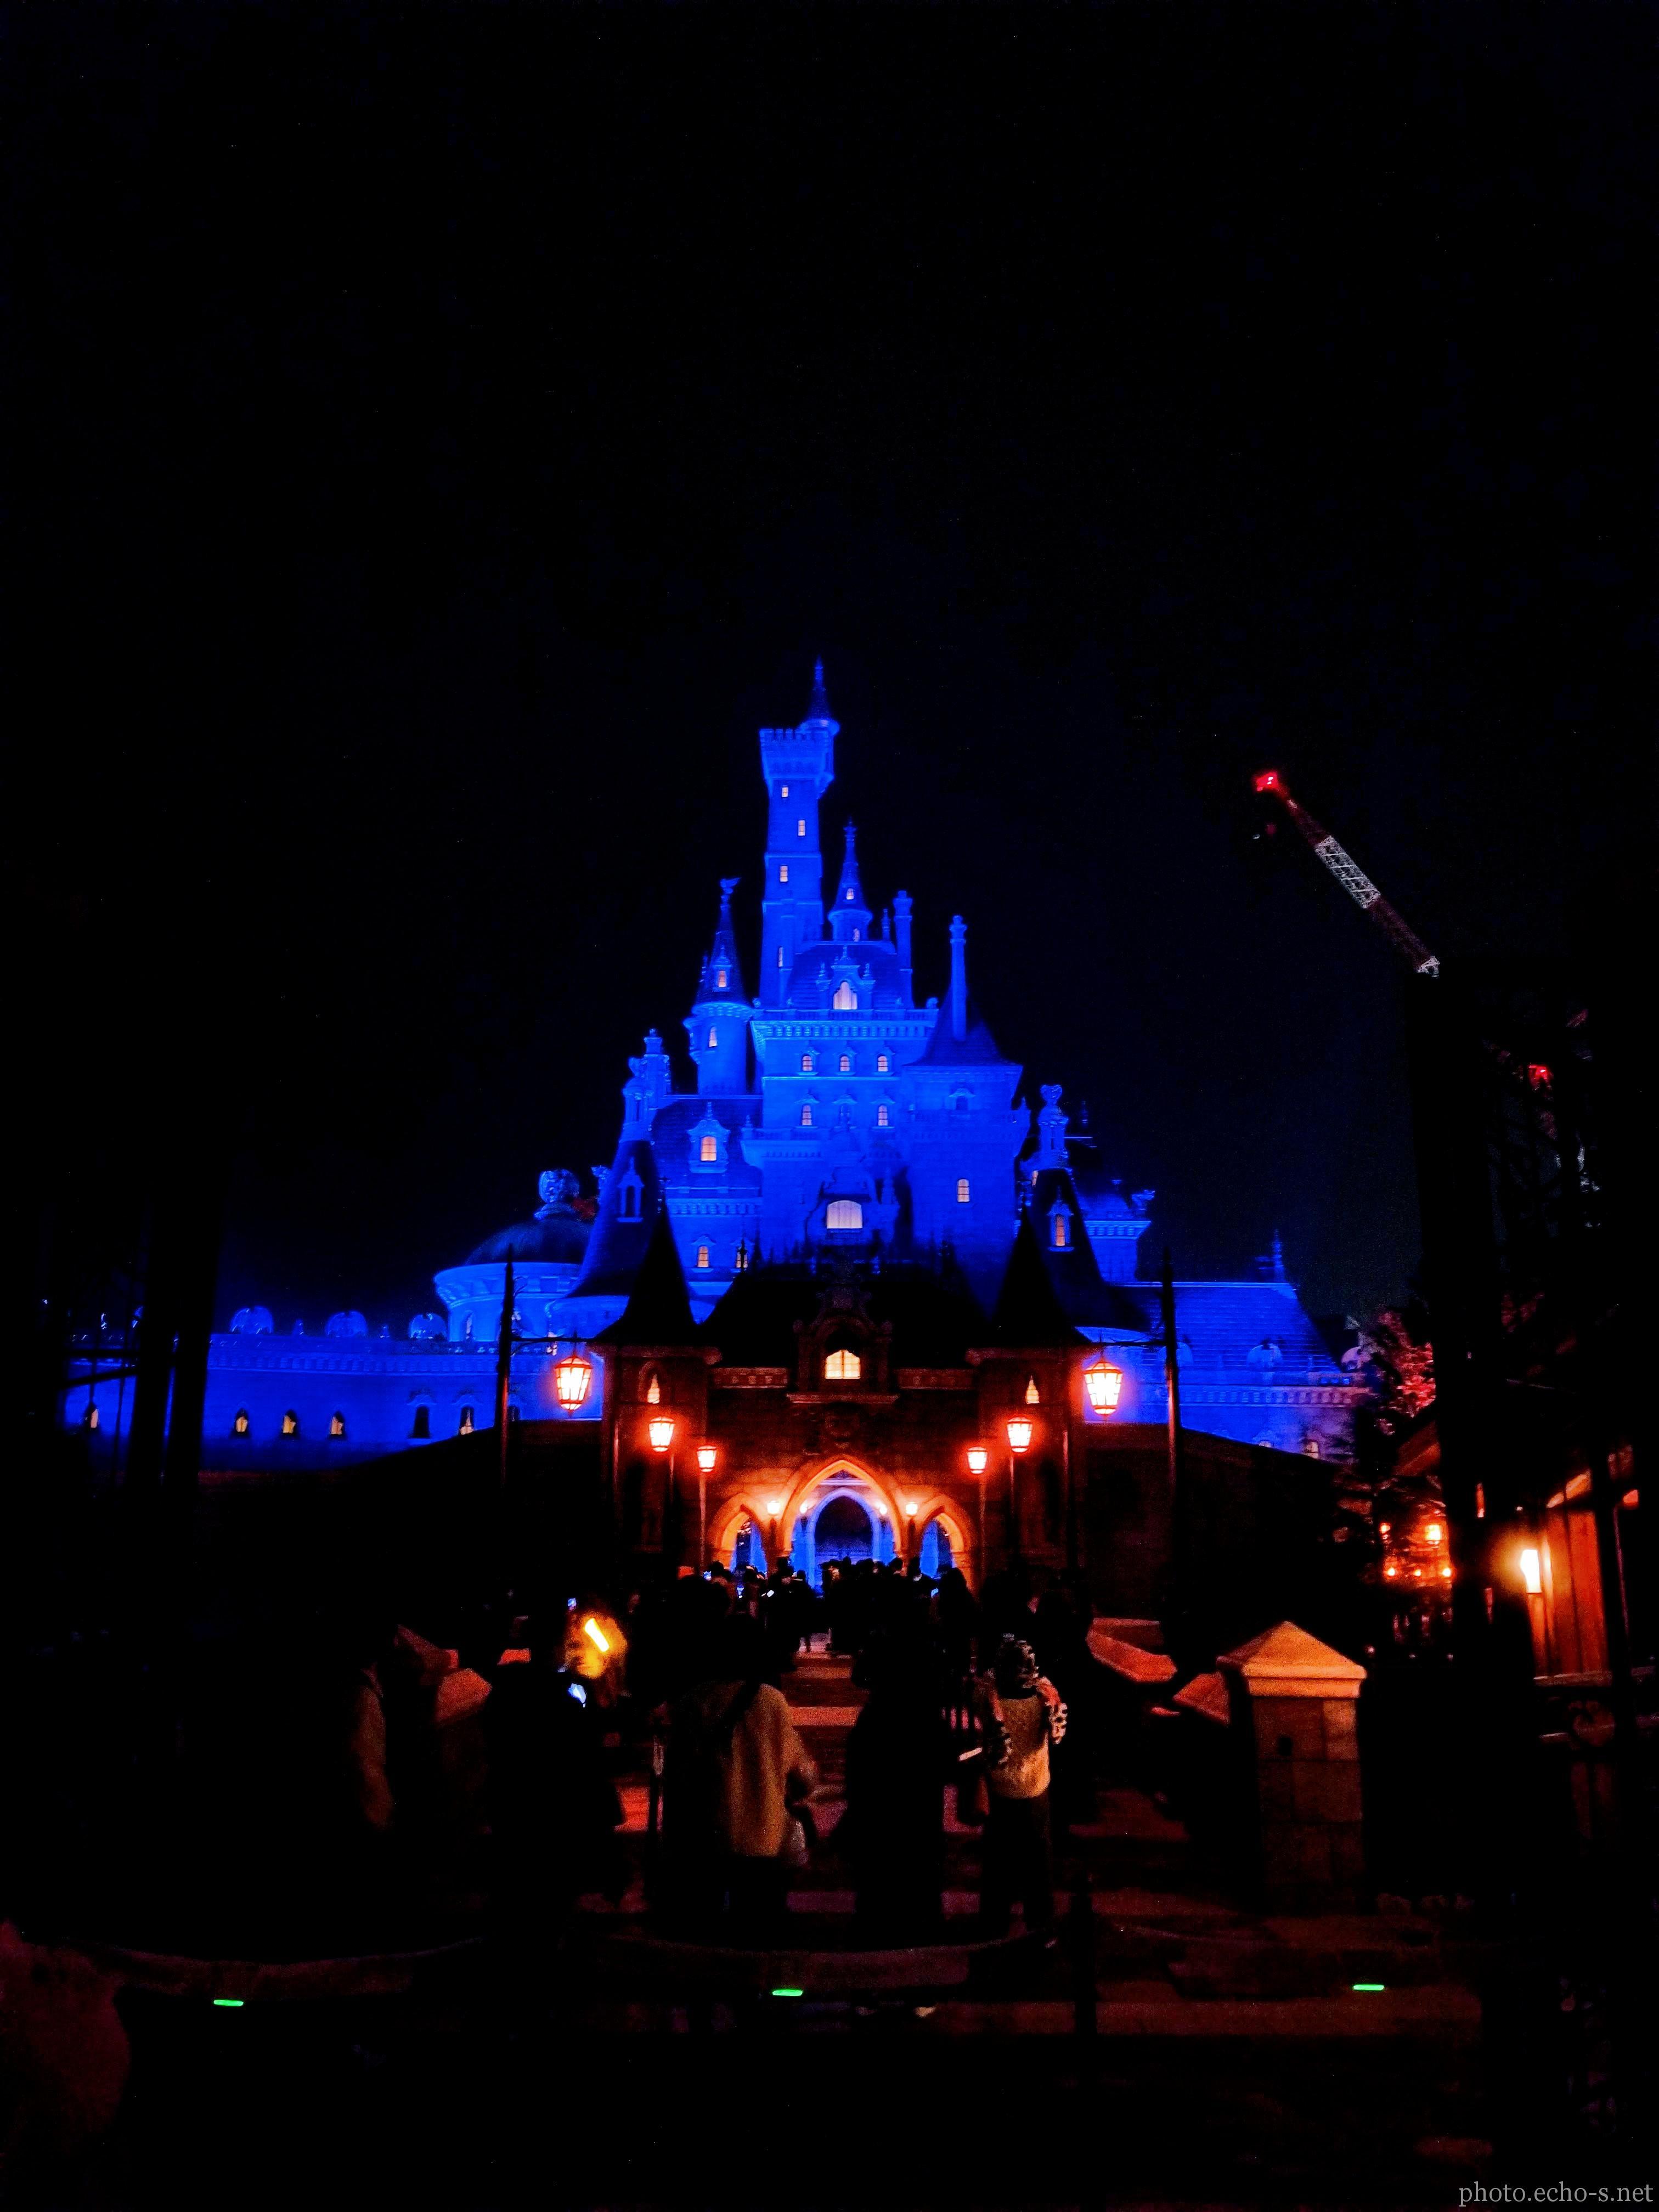 東京ディズニーランド ニューファンタジーランド 美女と野獣の城 夜